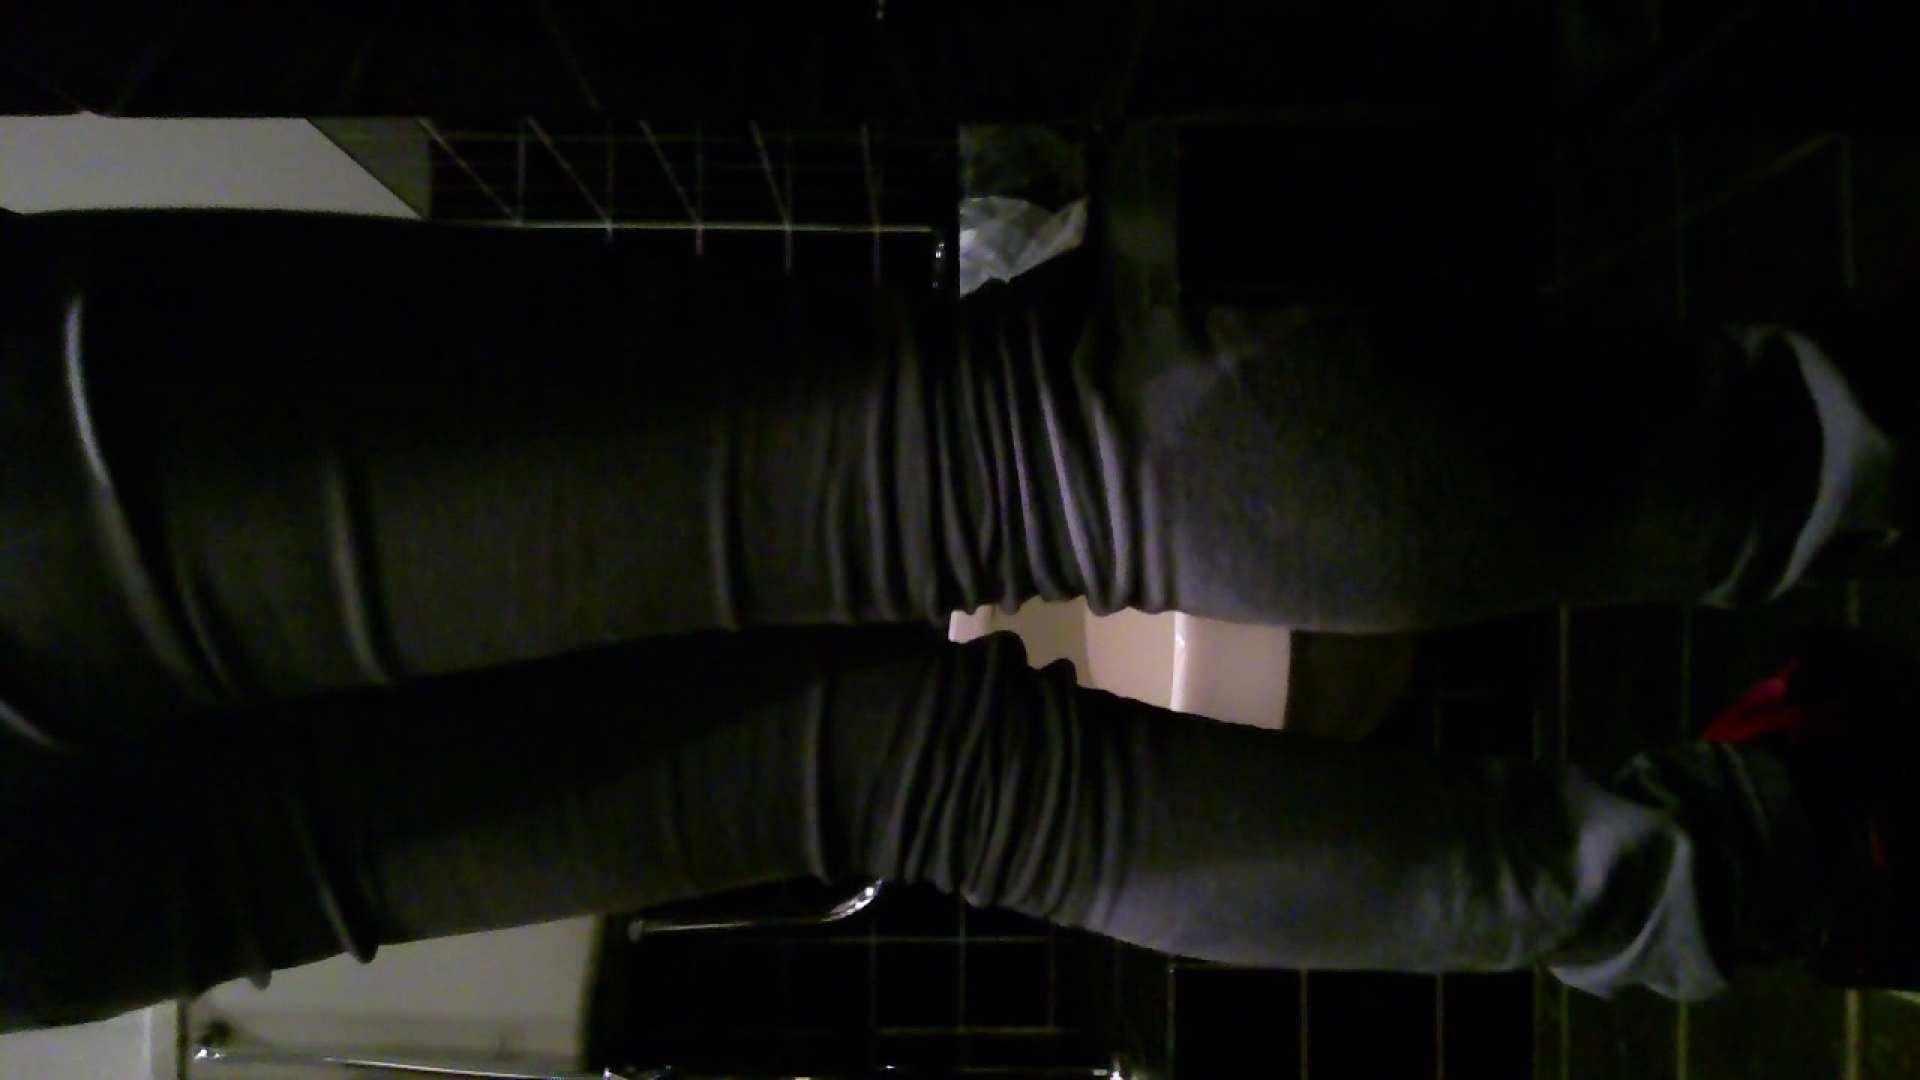 美女の集まる飲み屋洗面所 vol.02 OLセックス | ぱっくり下半身  110画像 86